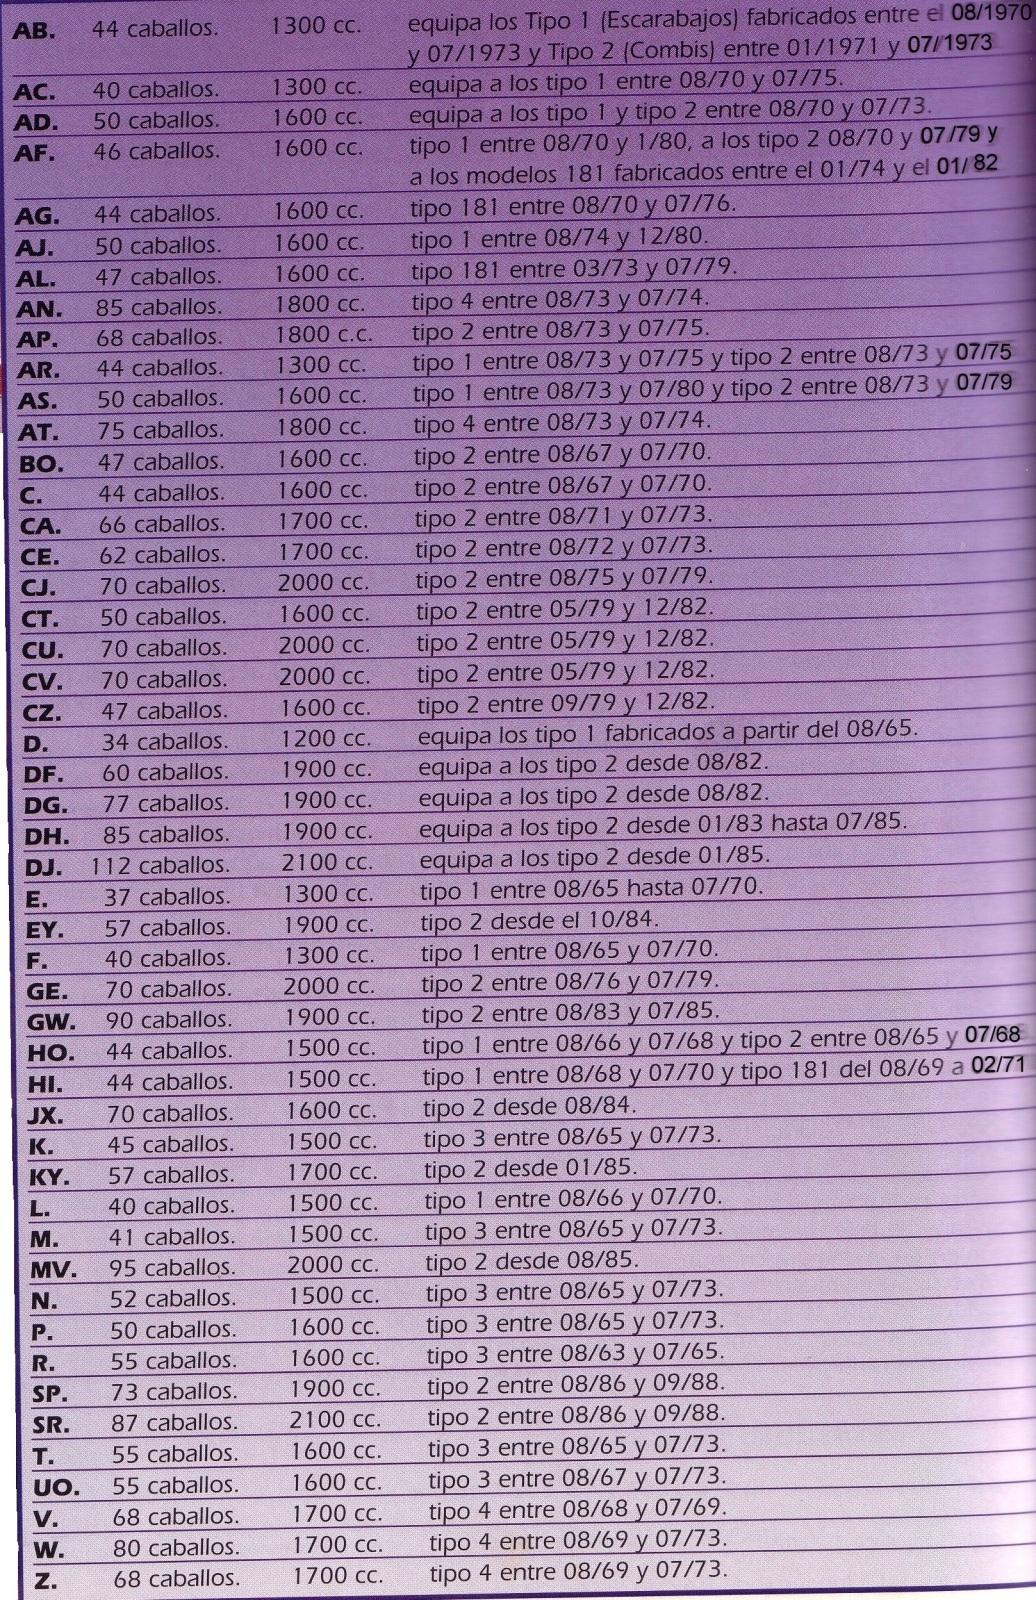 Lista de códigos de motores 1hjxu